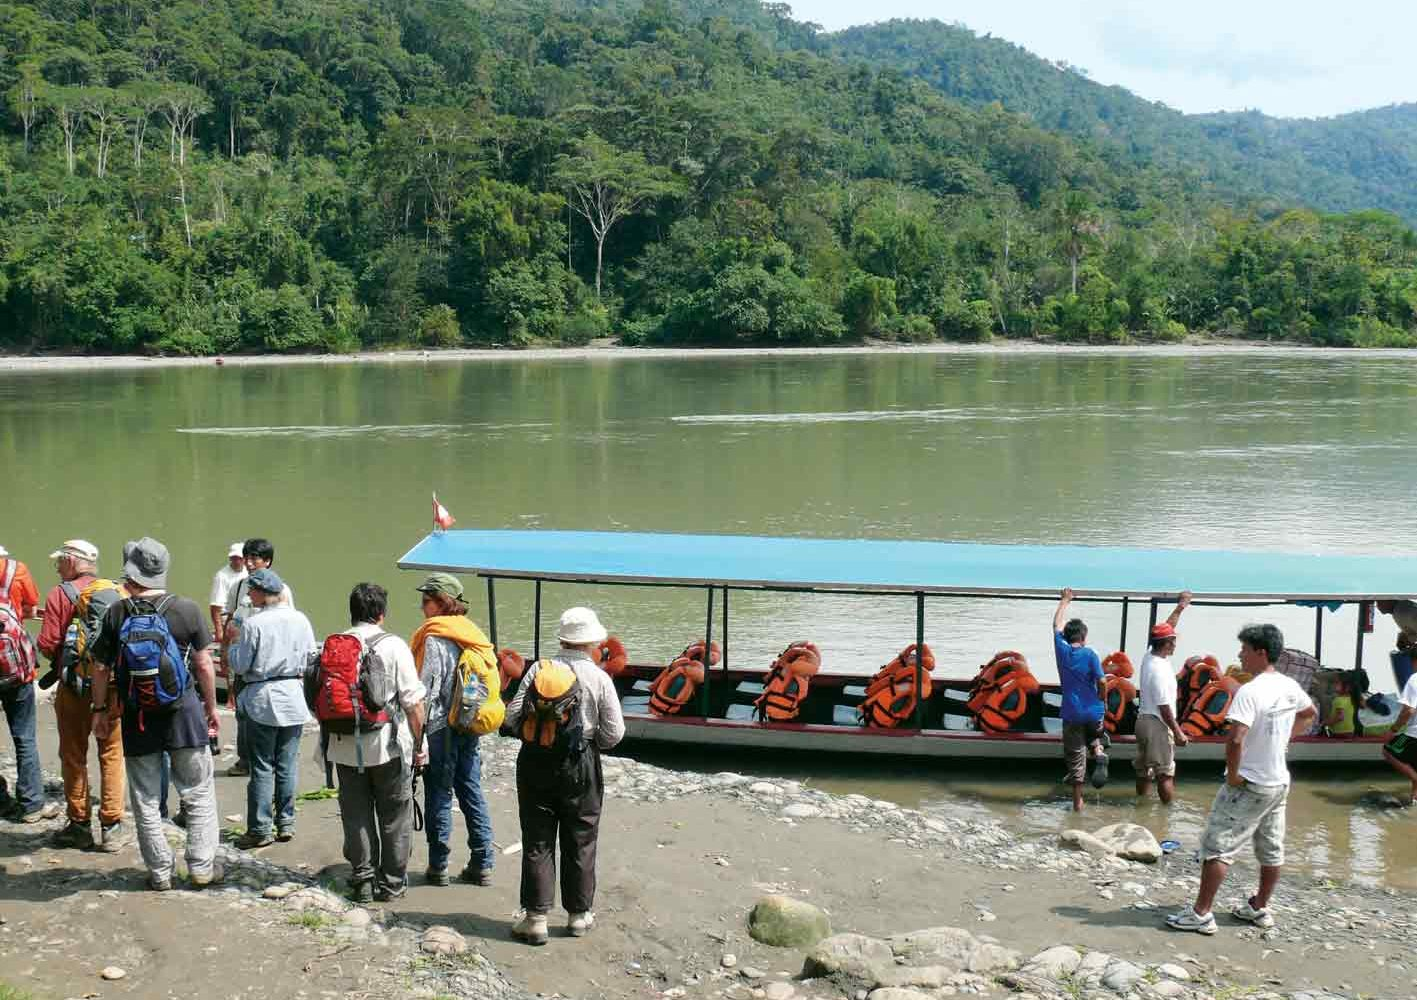 Bootsfahrten im Manú-Nationalpark, Peru